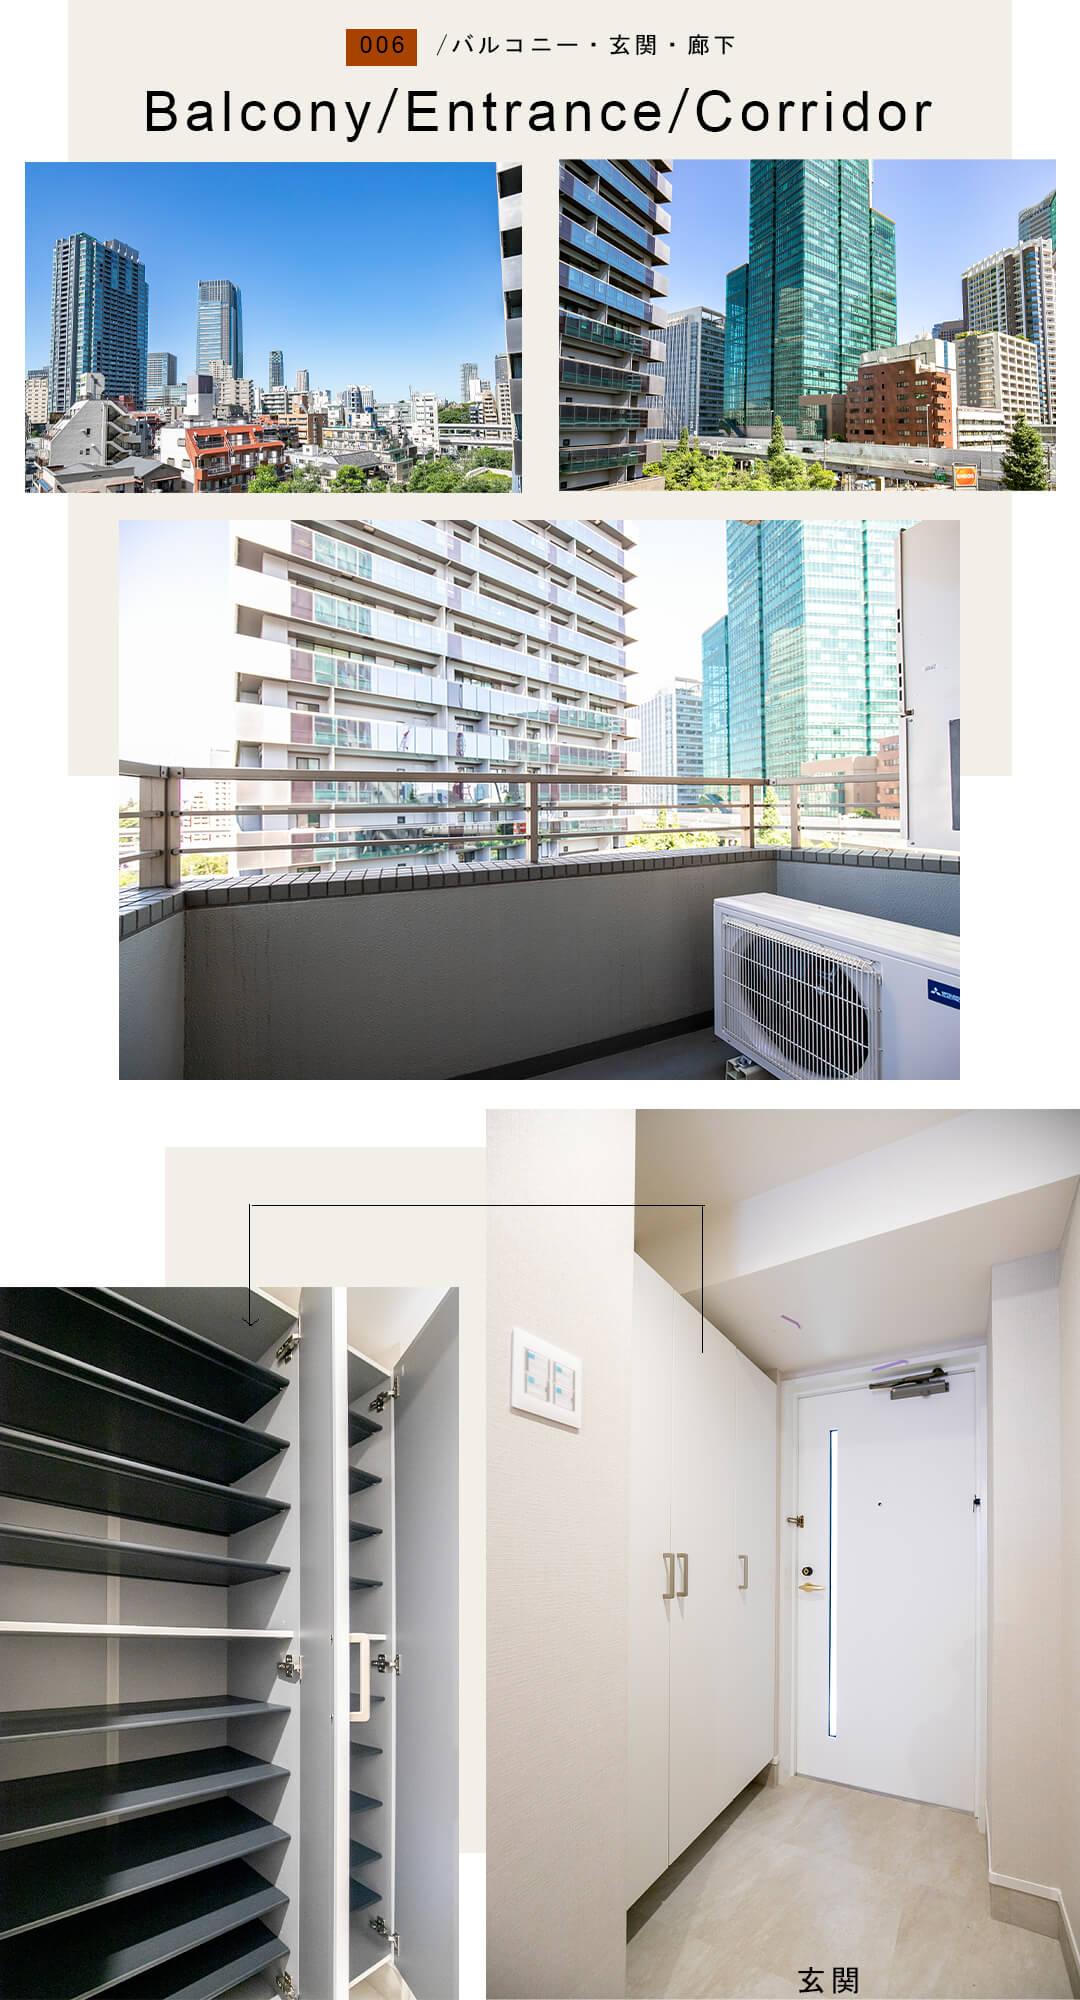 006バルコニー,玄関,,廊下Balcony,Entrance,Corridor